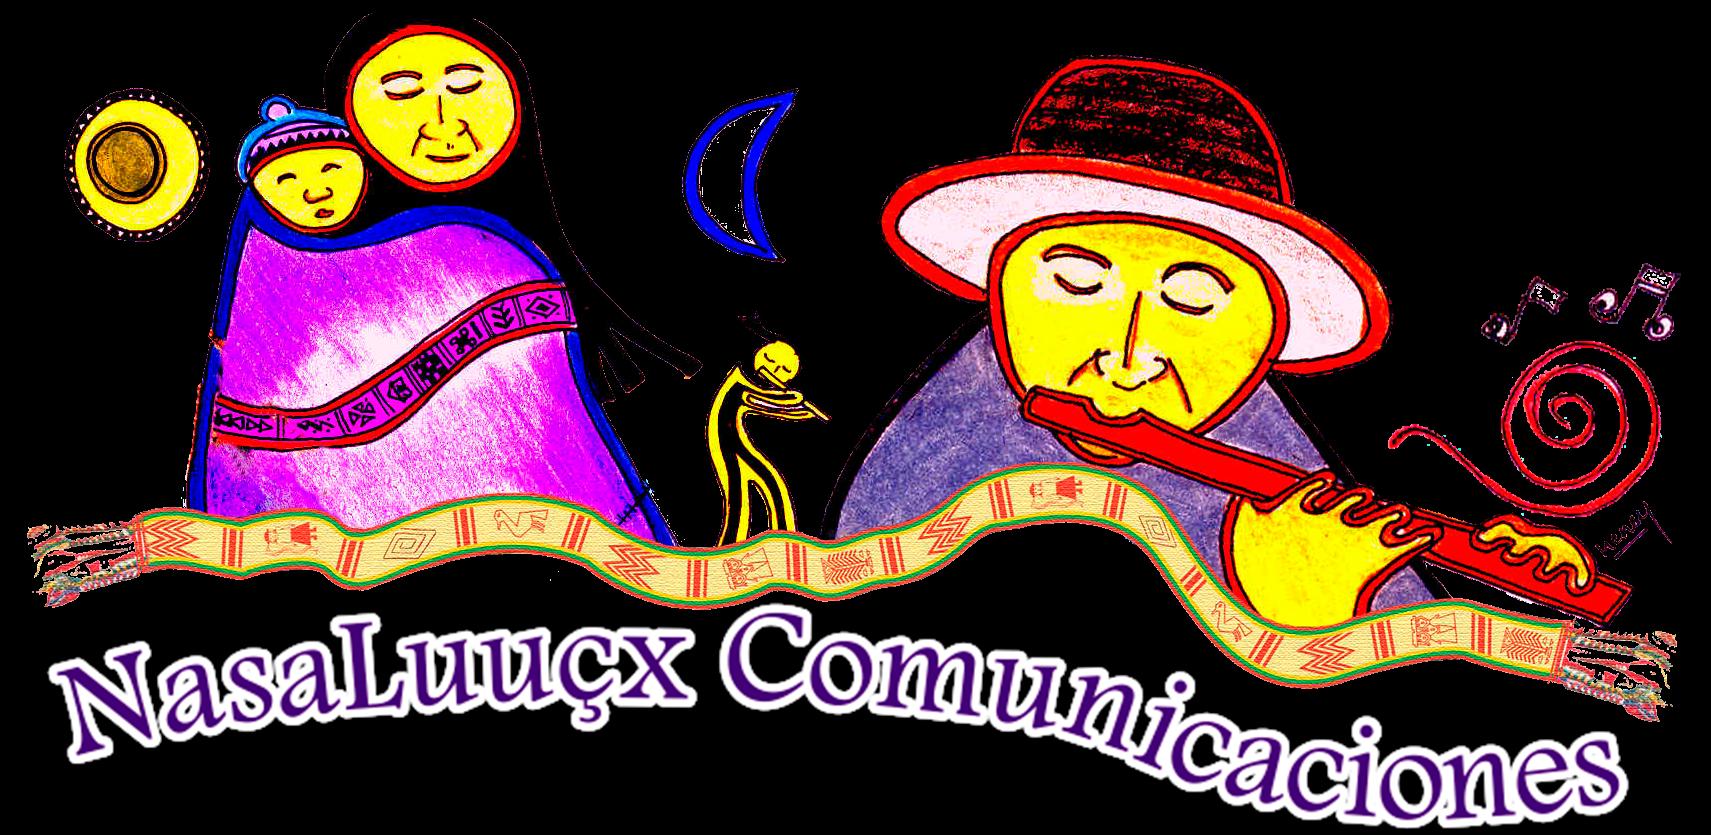 NasaLuuçx Comunicaciones